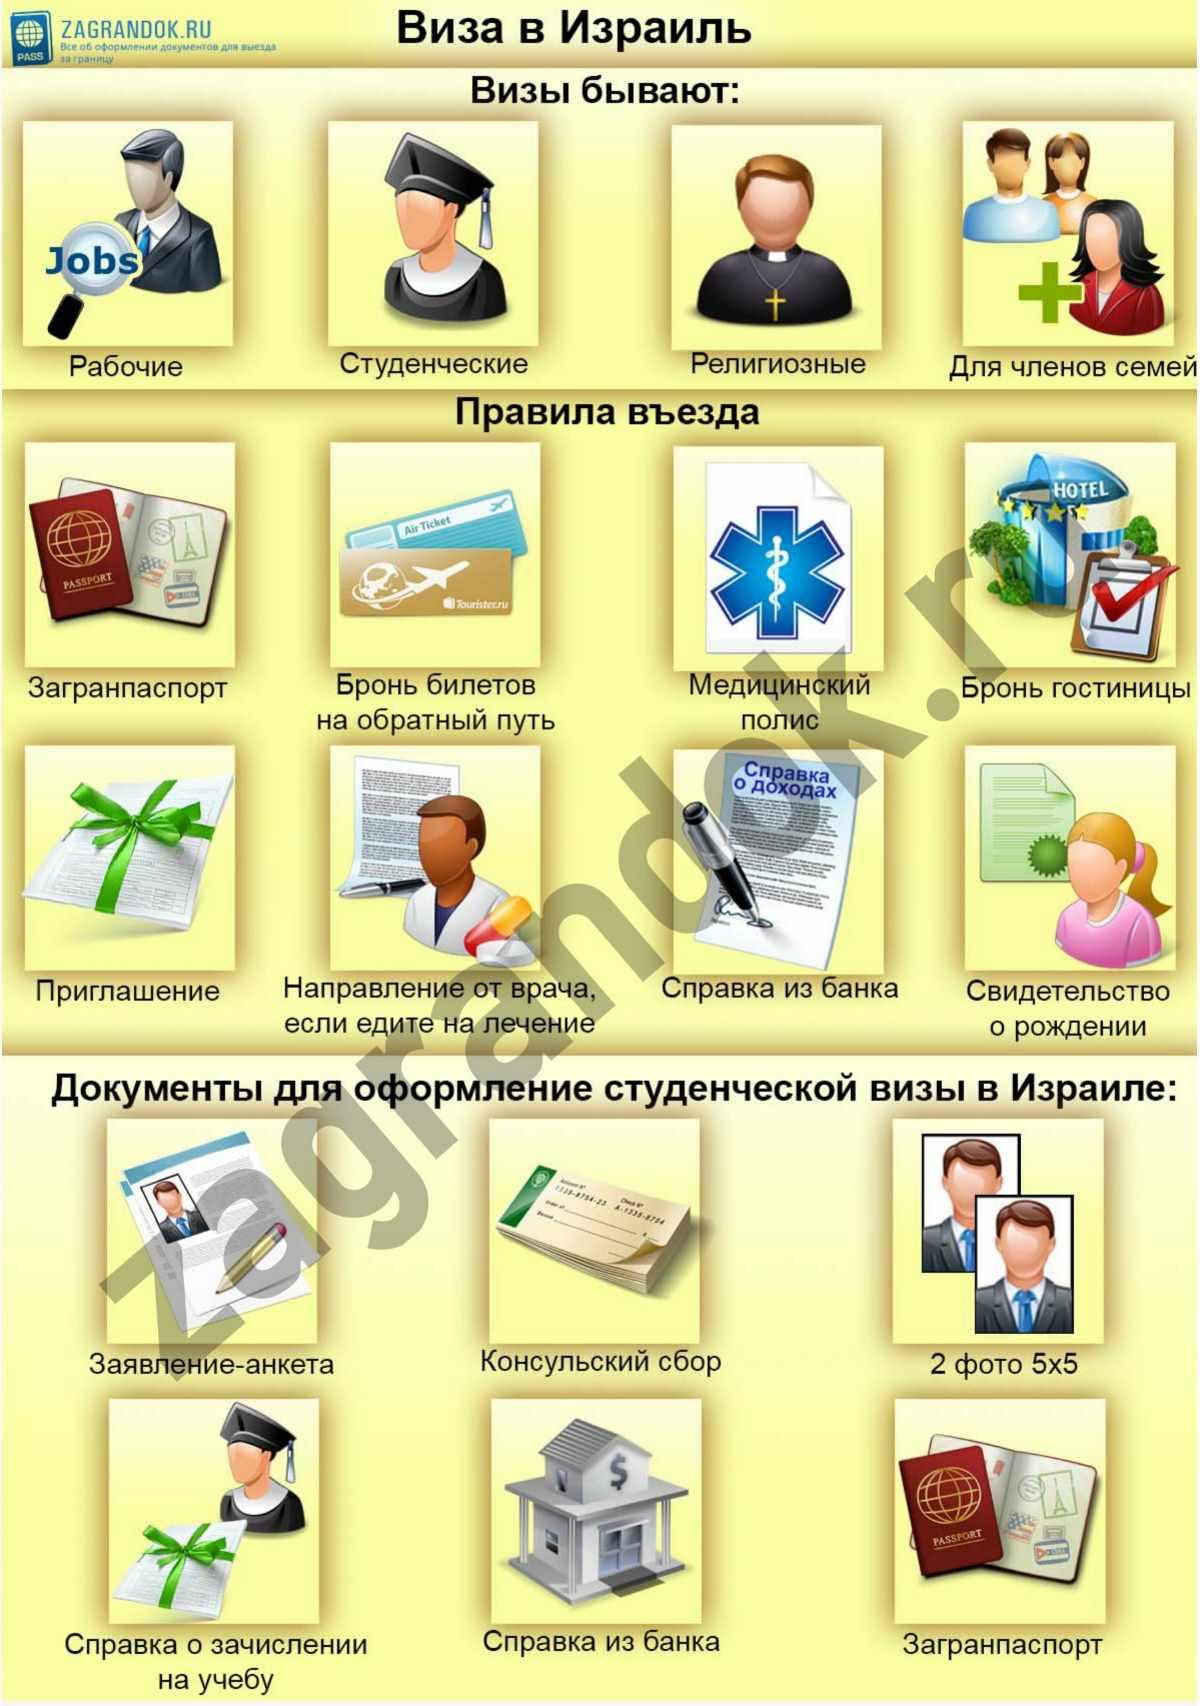 Виза в Израиль для граждан РФ